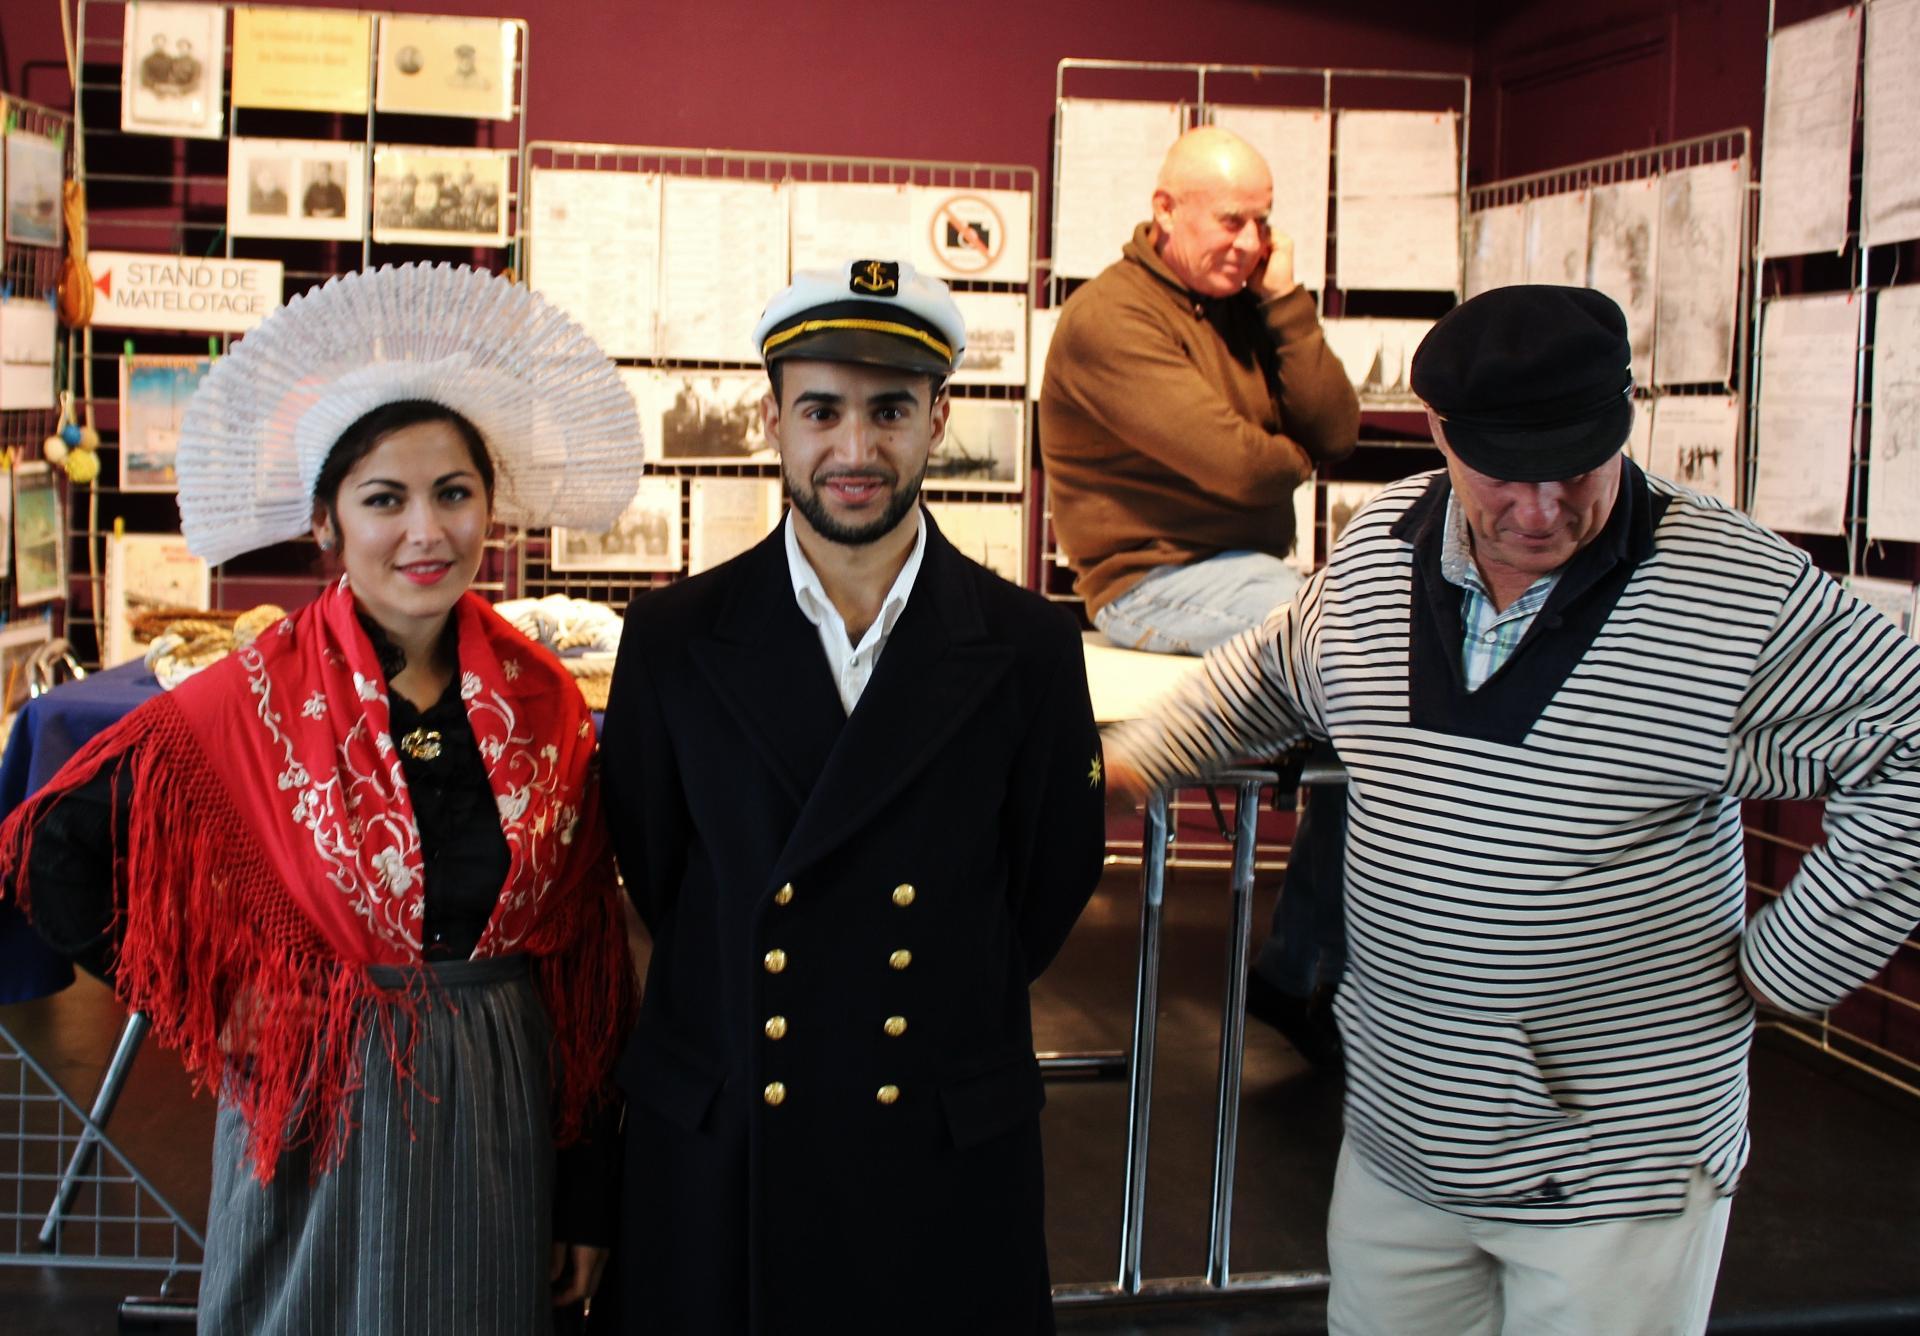 Fete des islandais exposition sur les marins des hemmes de marck